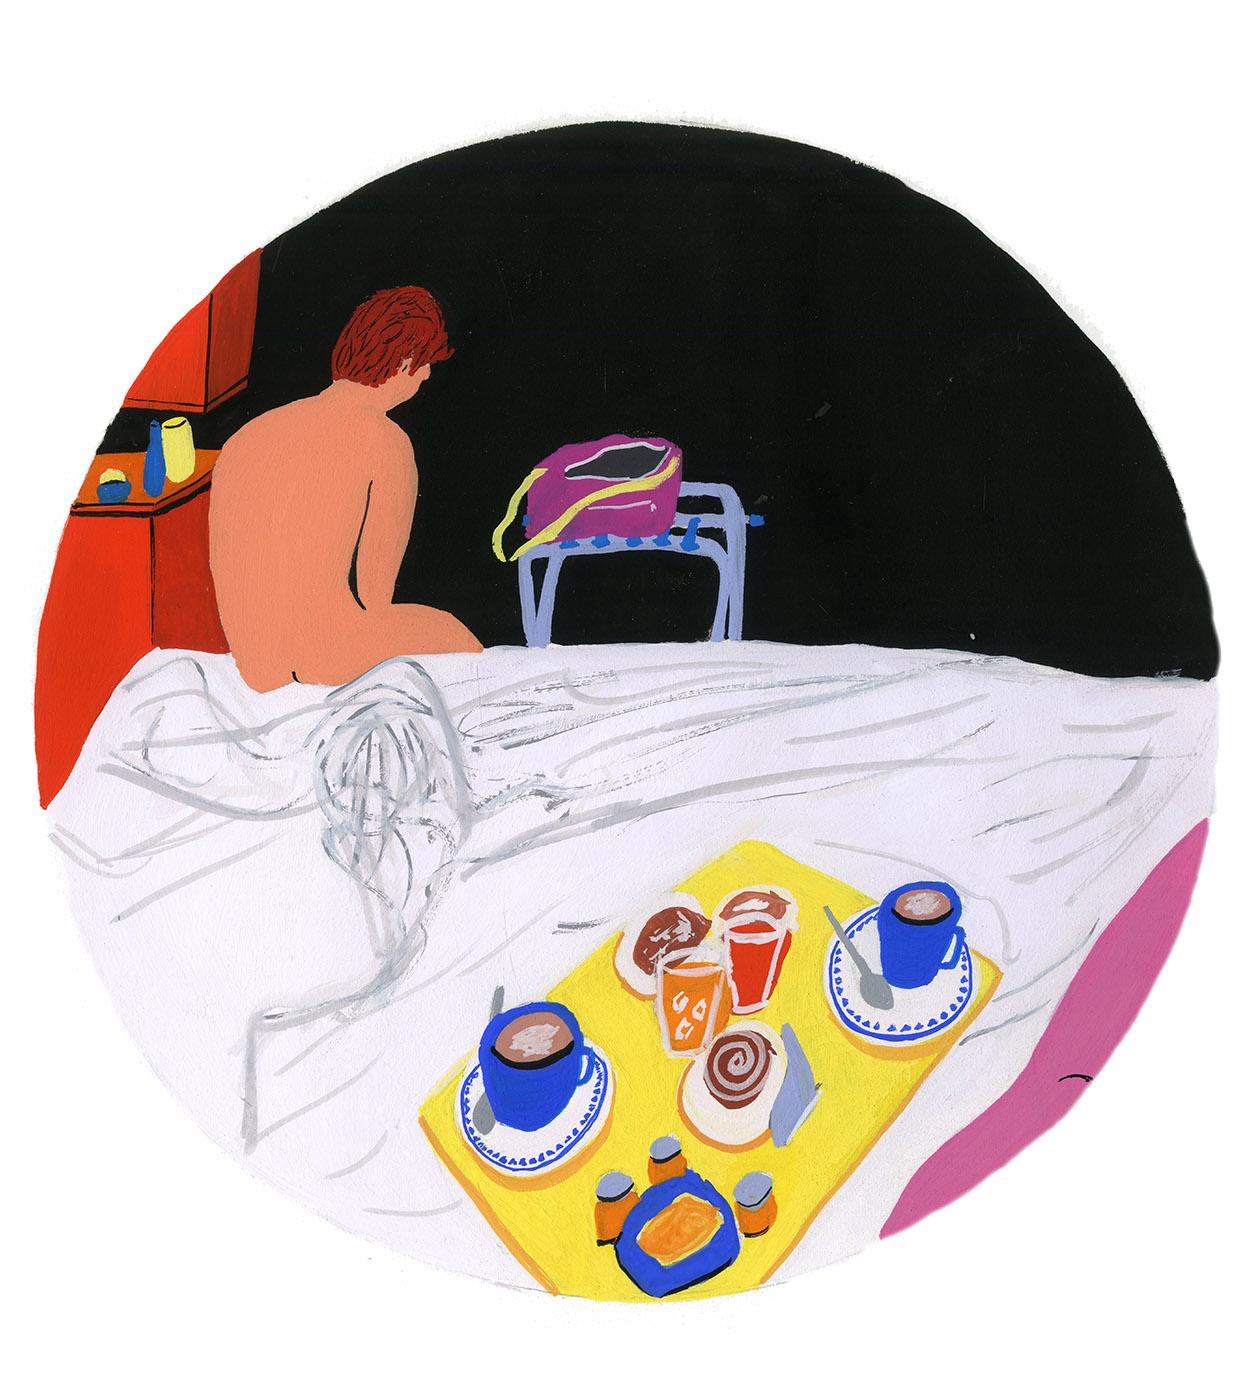 Naked Man Breakfast in Bed Gouache Illustration.jpg